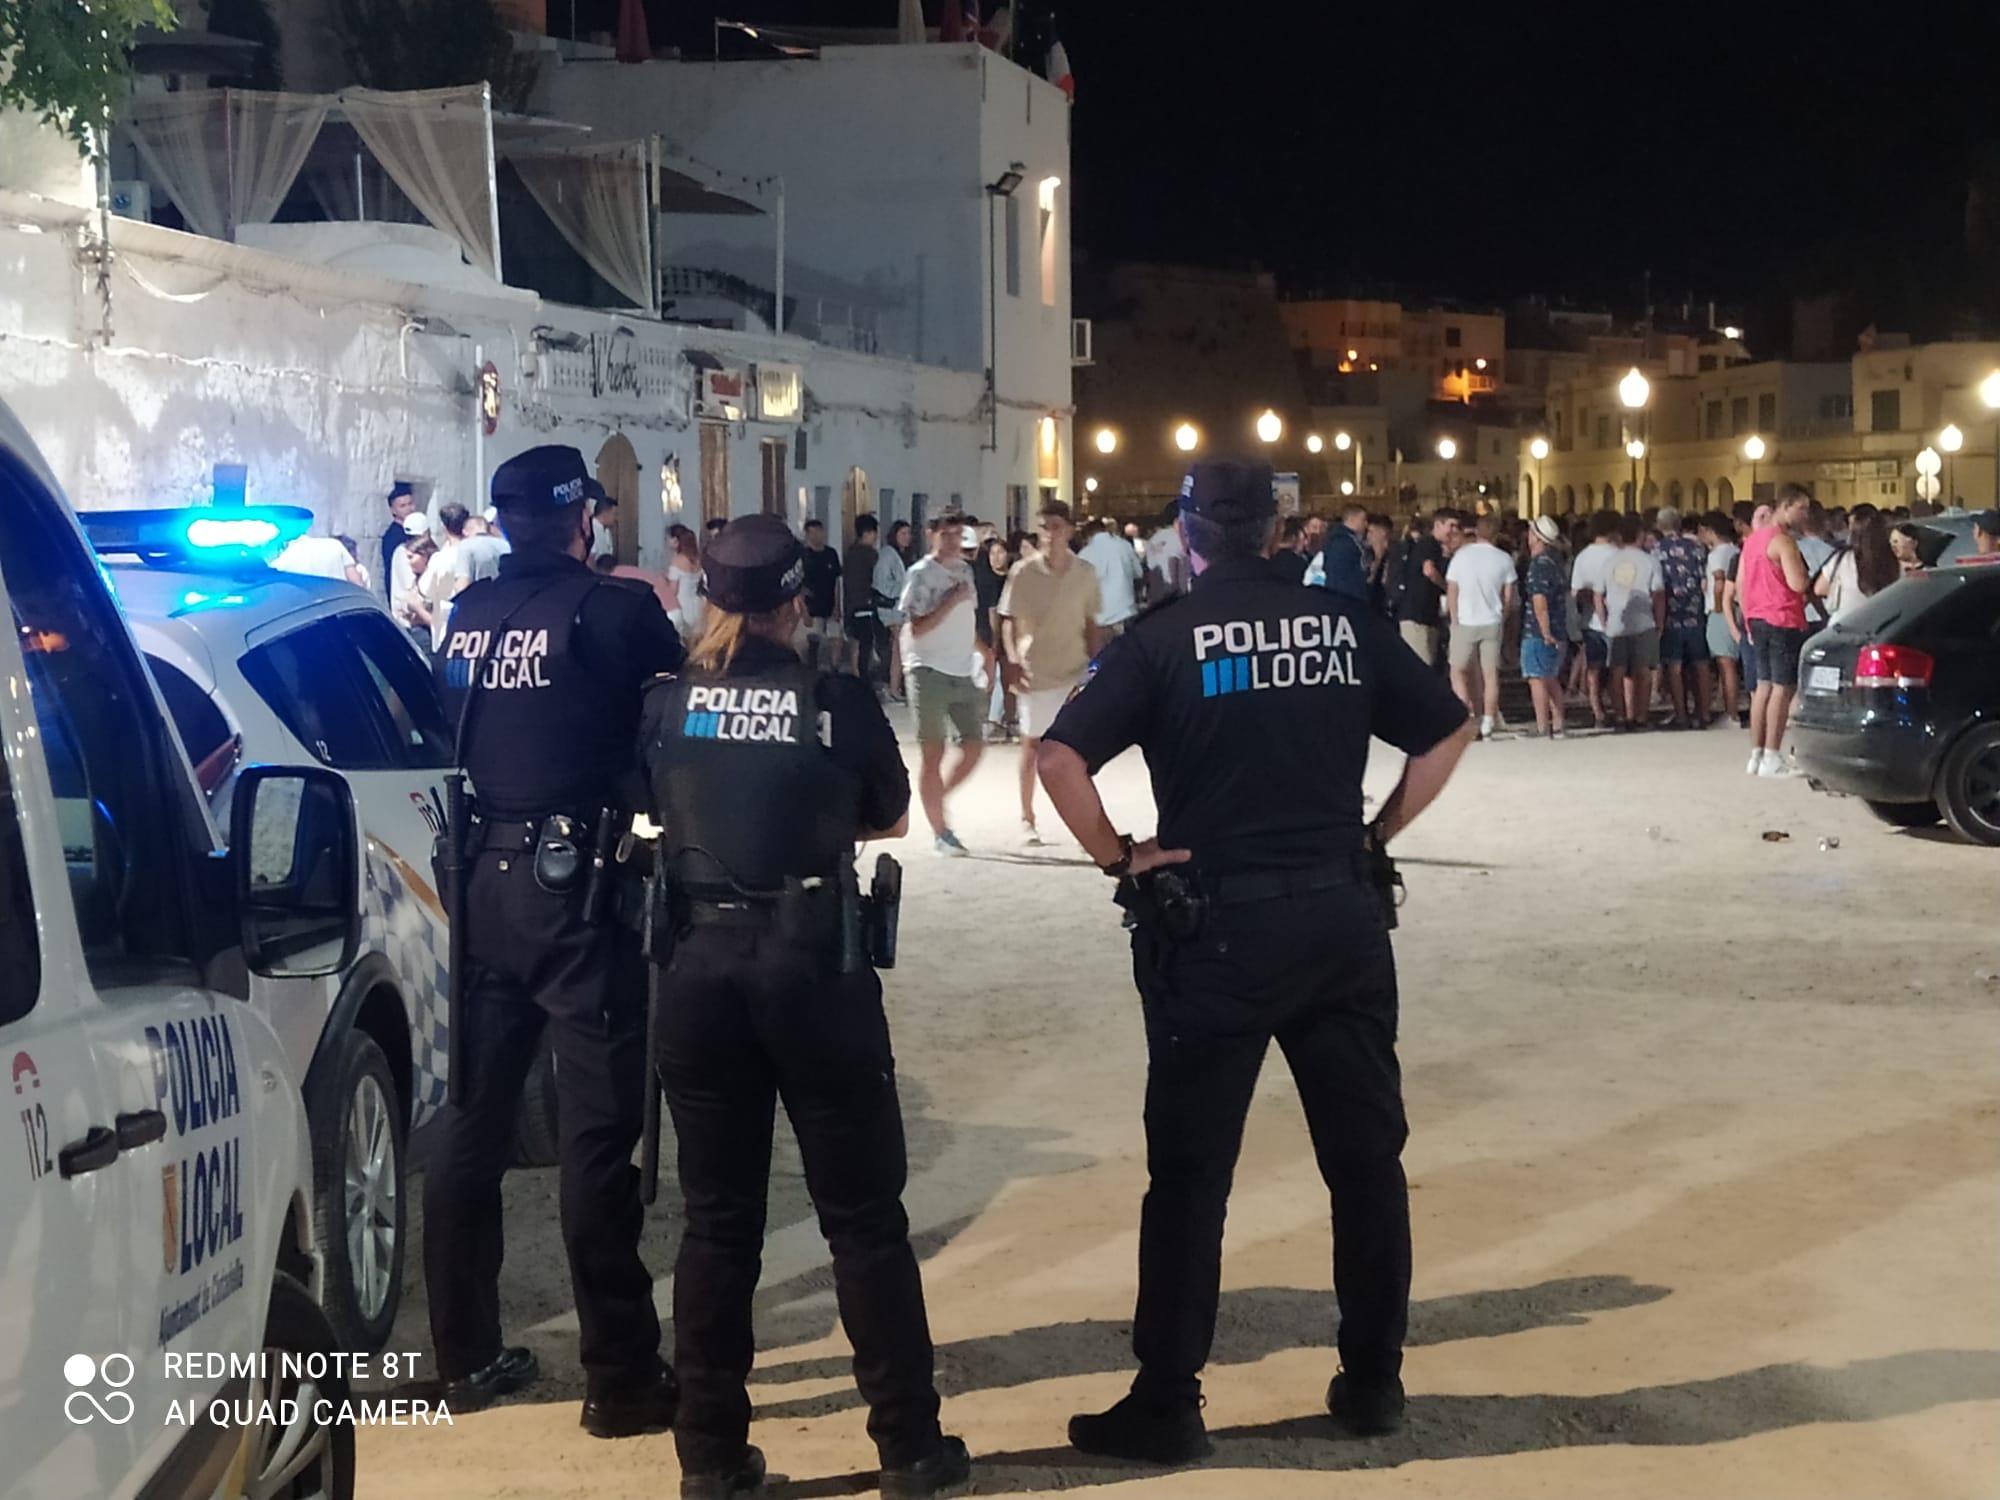 La Policía Local cierra el mes de agosto con un balance de más de 2.000 servicios realizados en el conjunto de los turnos